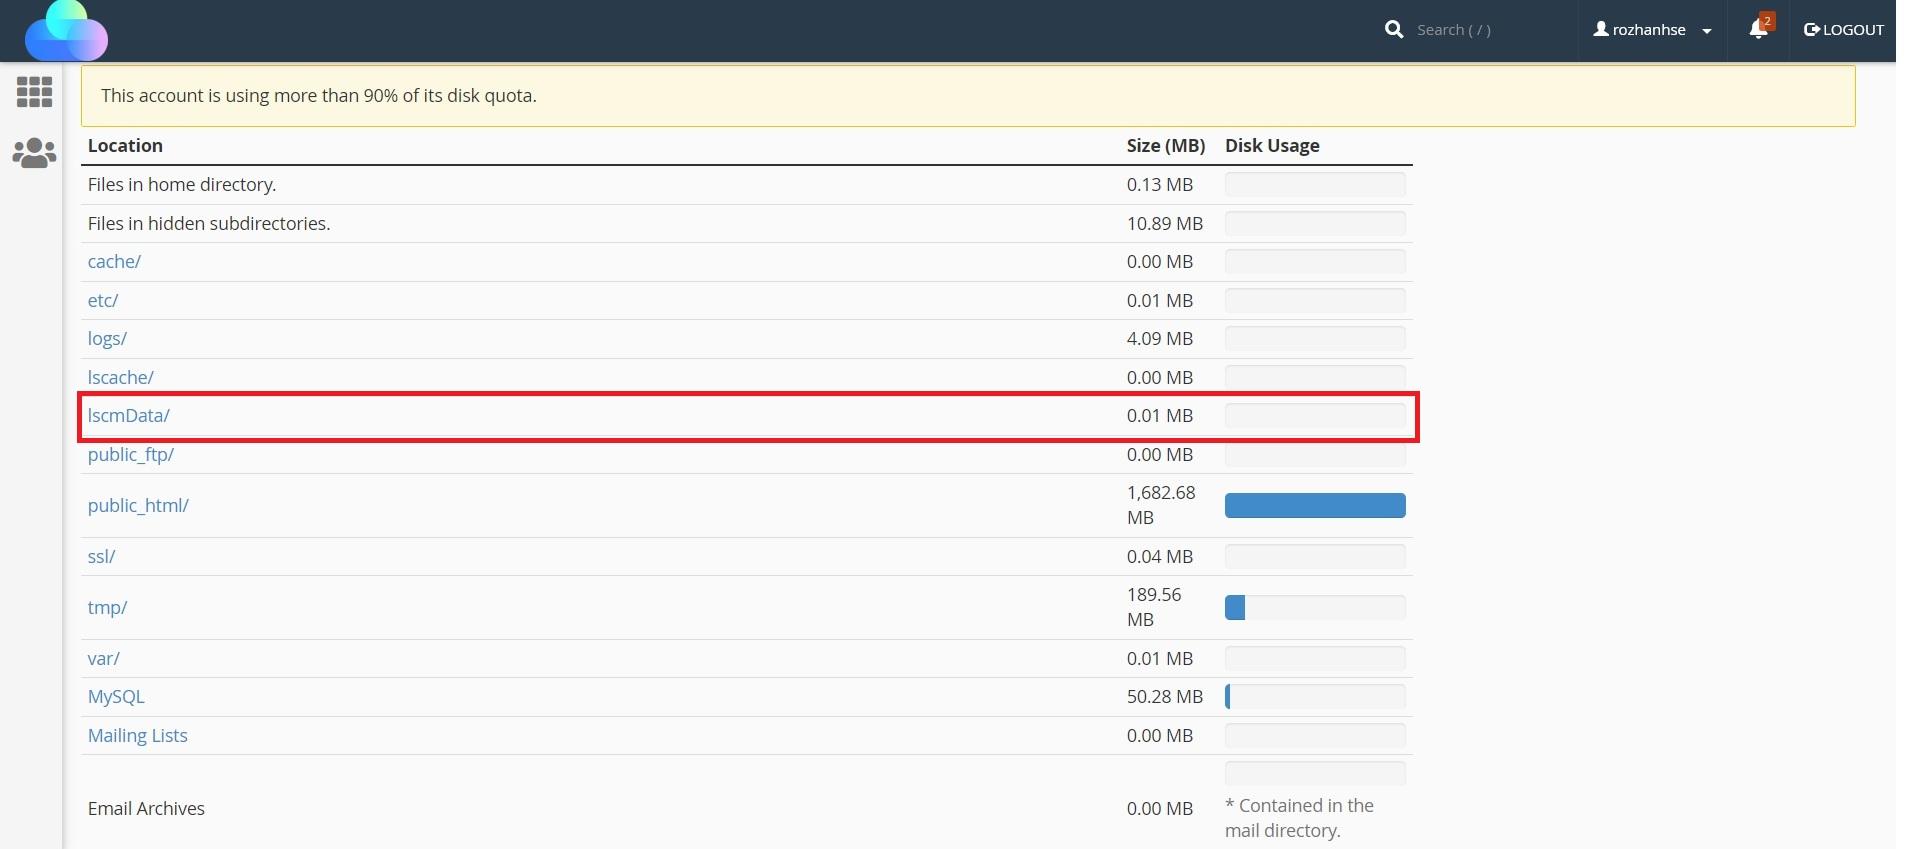 فایل های lscmData/ ابزار Disk Usage در سی پنل